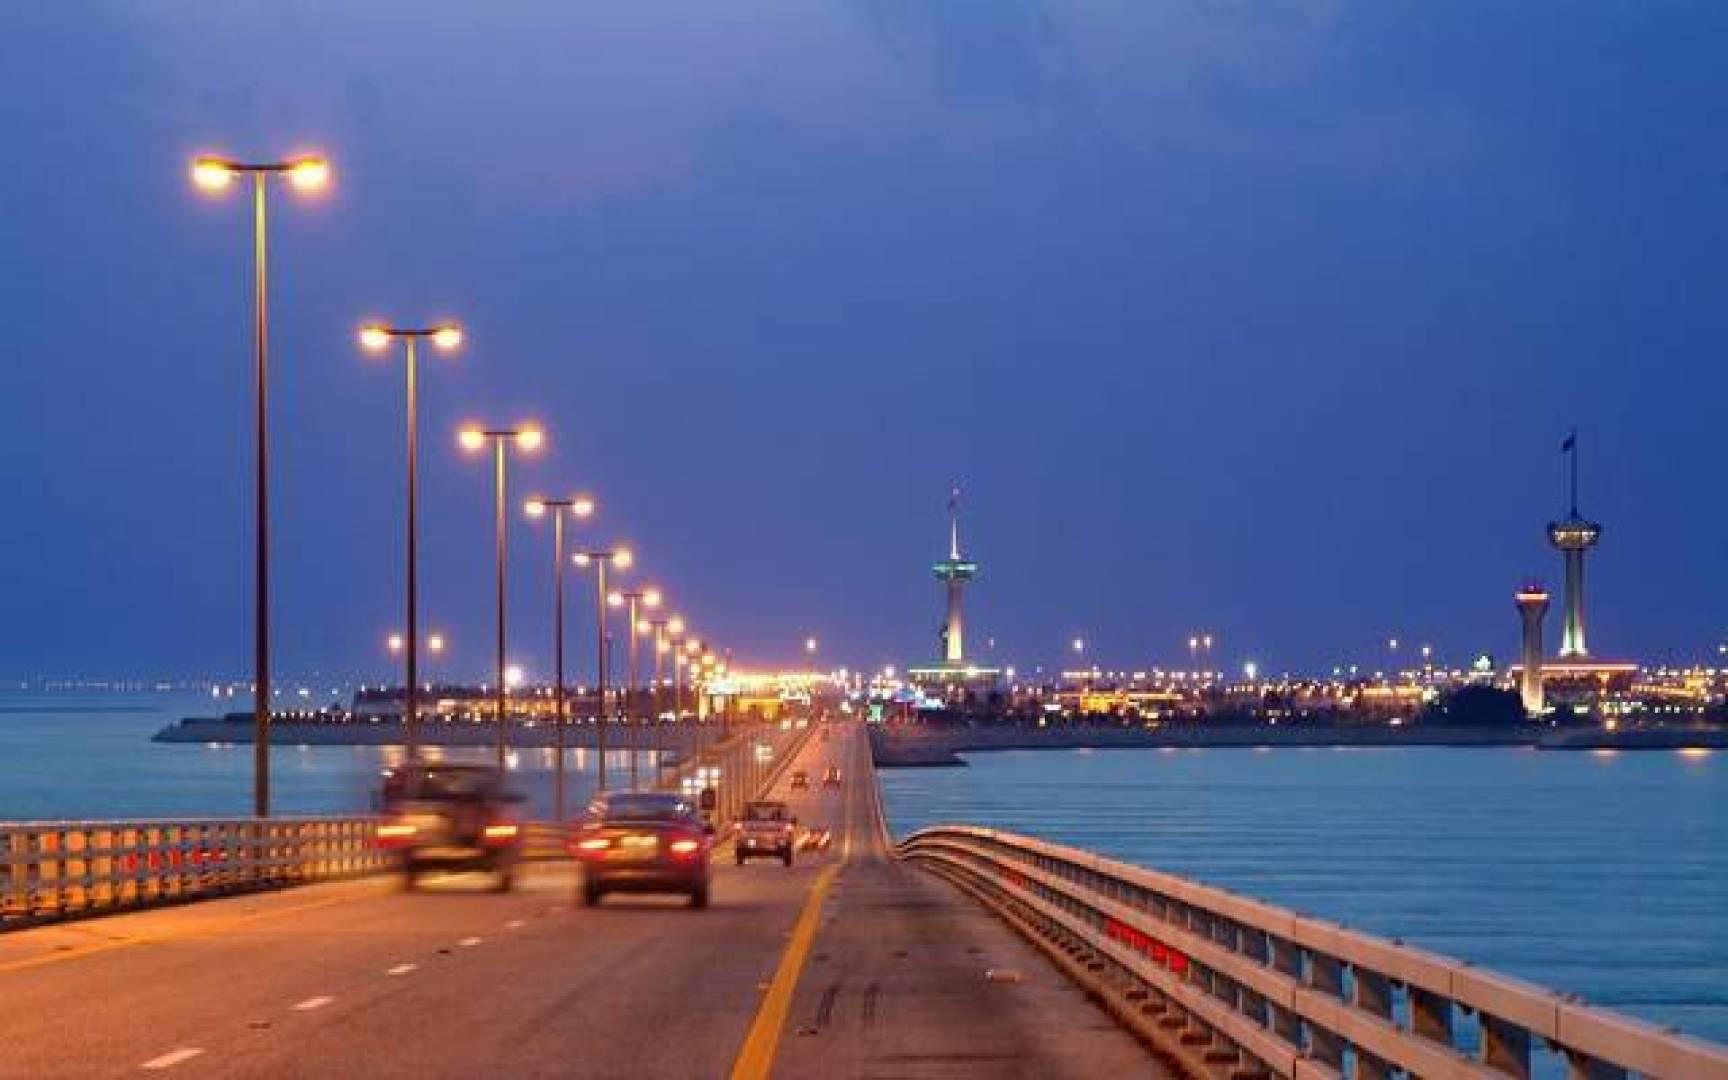 السعودية تنفي إغلاق الجسر الرابط بين المملكة والبحرين بسبب كورونا